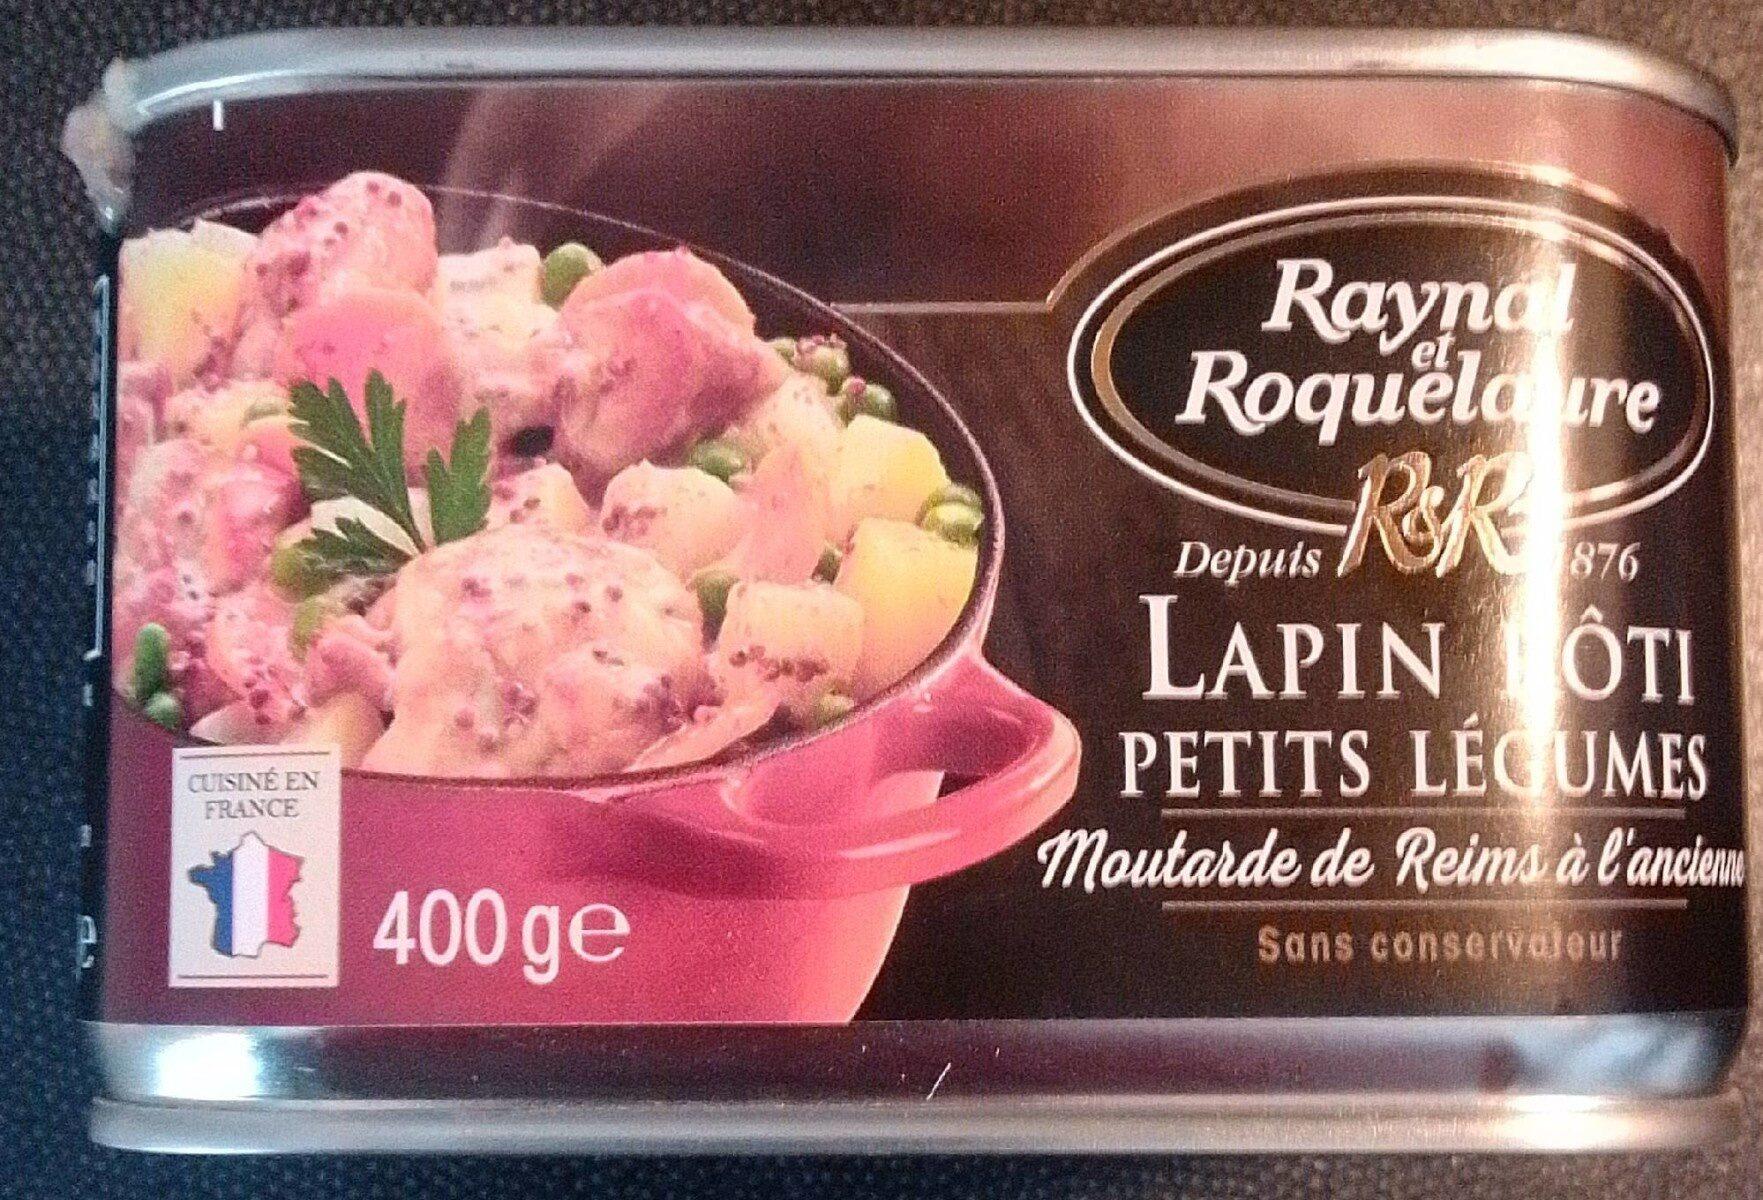 Lapin rôti petits légumes - Product